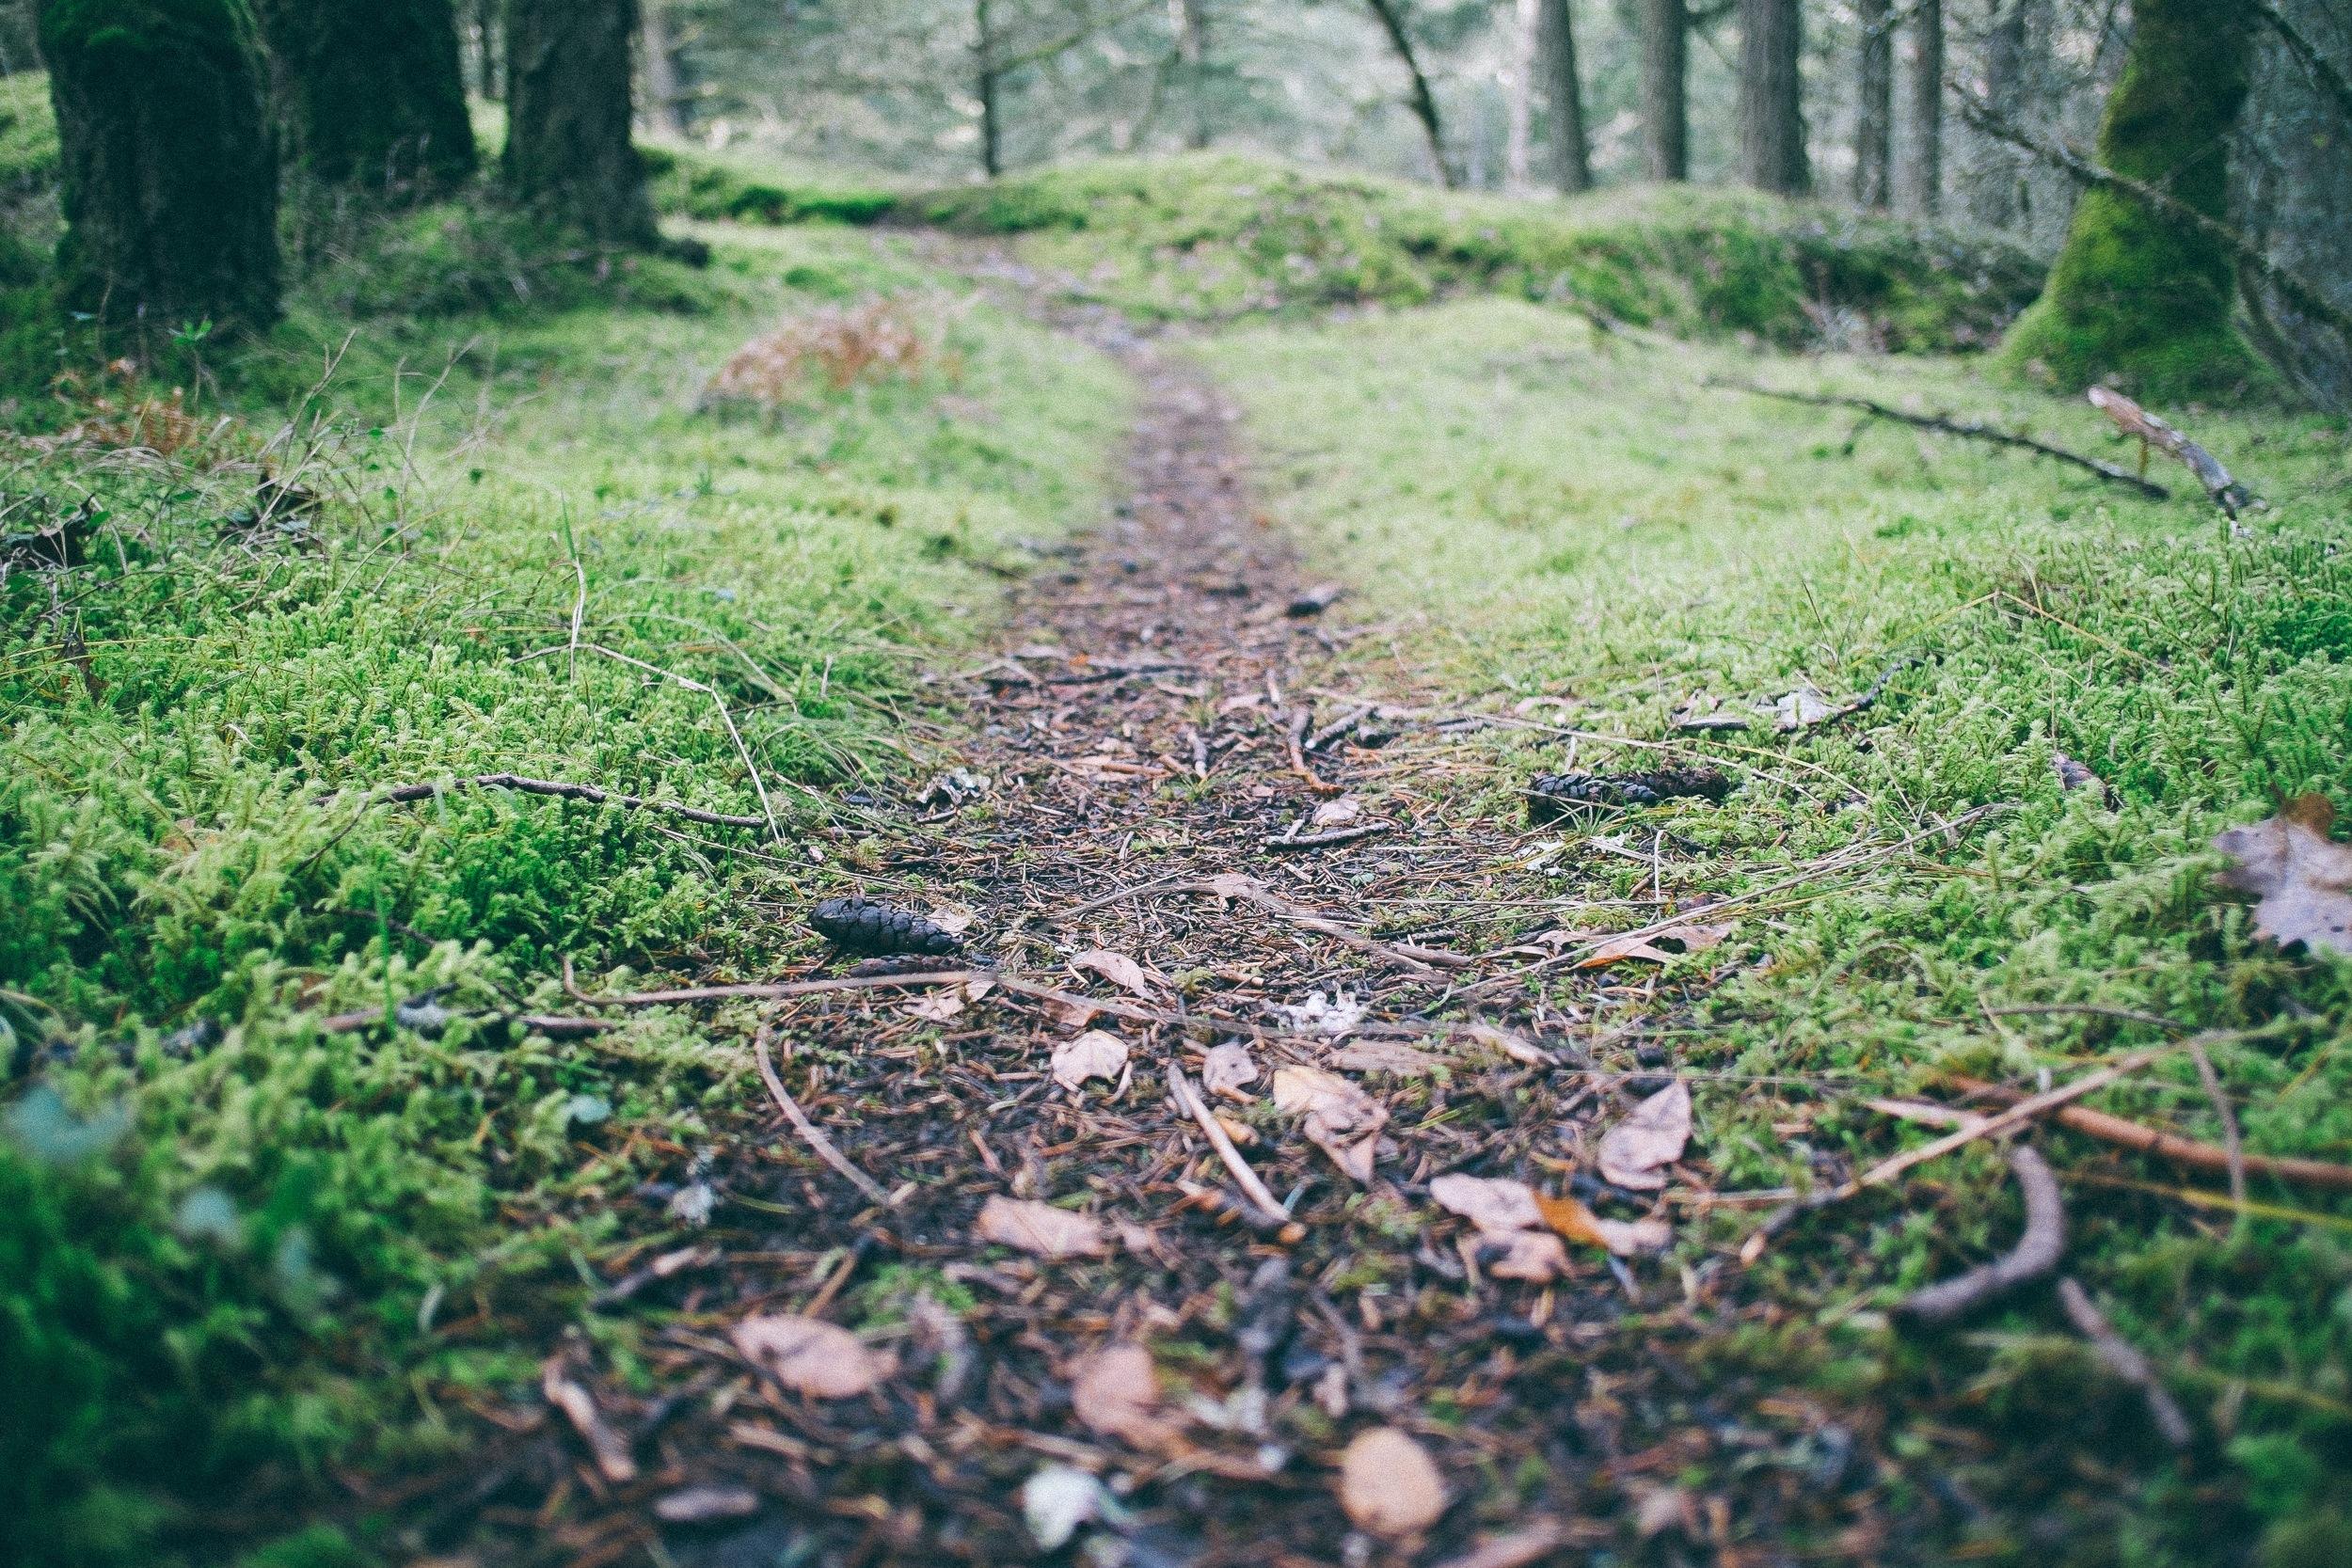 branch_dirt_forest_grass_ground_hike_leaf_mud_597669.jpg